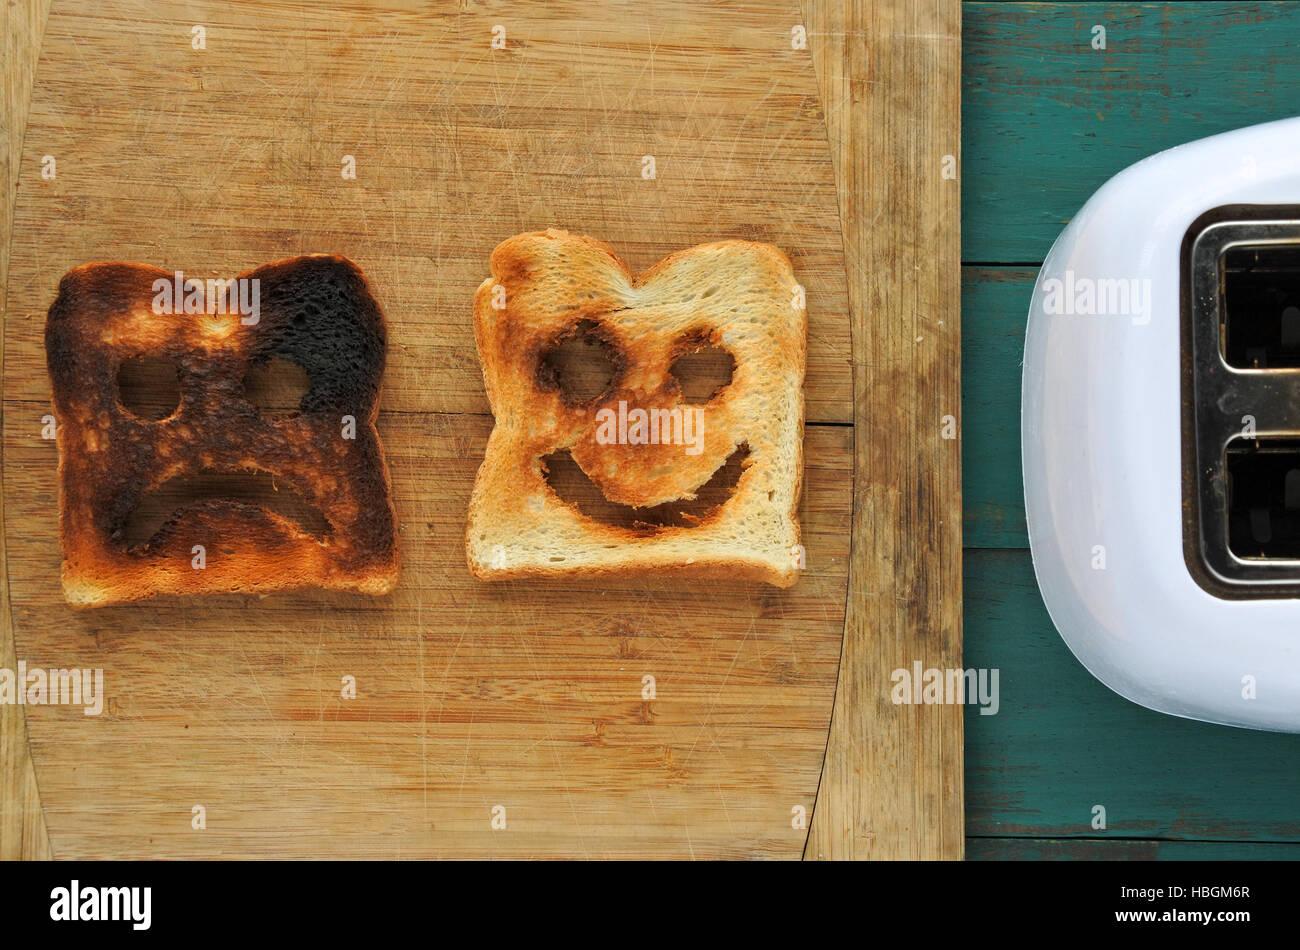 Plana Vista laicos de dos rebanadas de pan tostado sobre una tabla de madera junto a una tostadora. Uno se quema Imagen De Stock